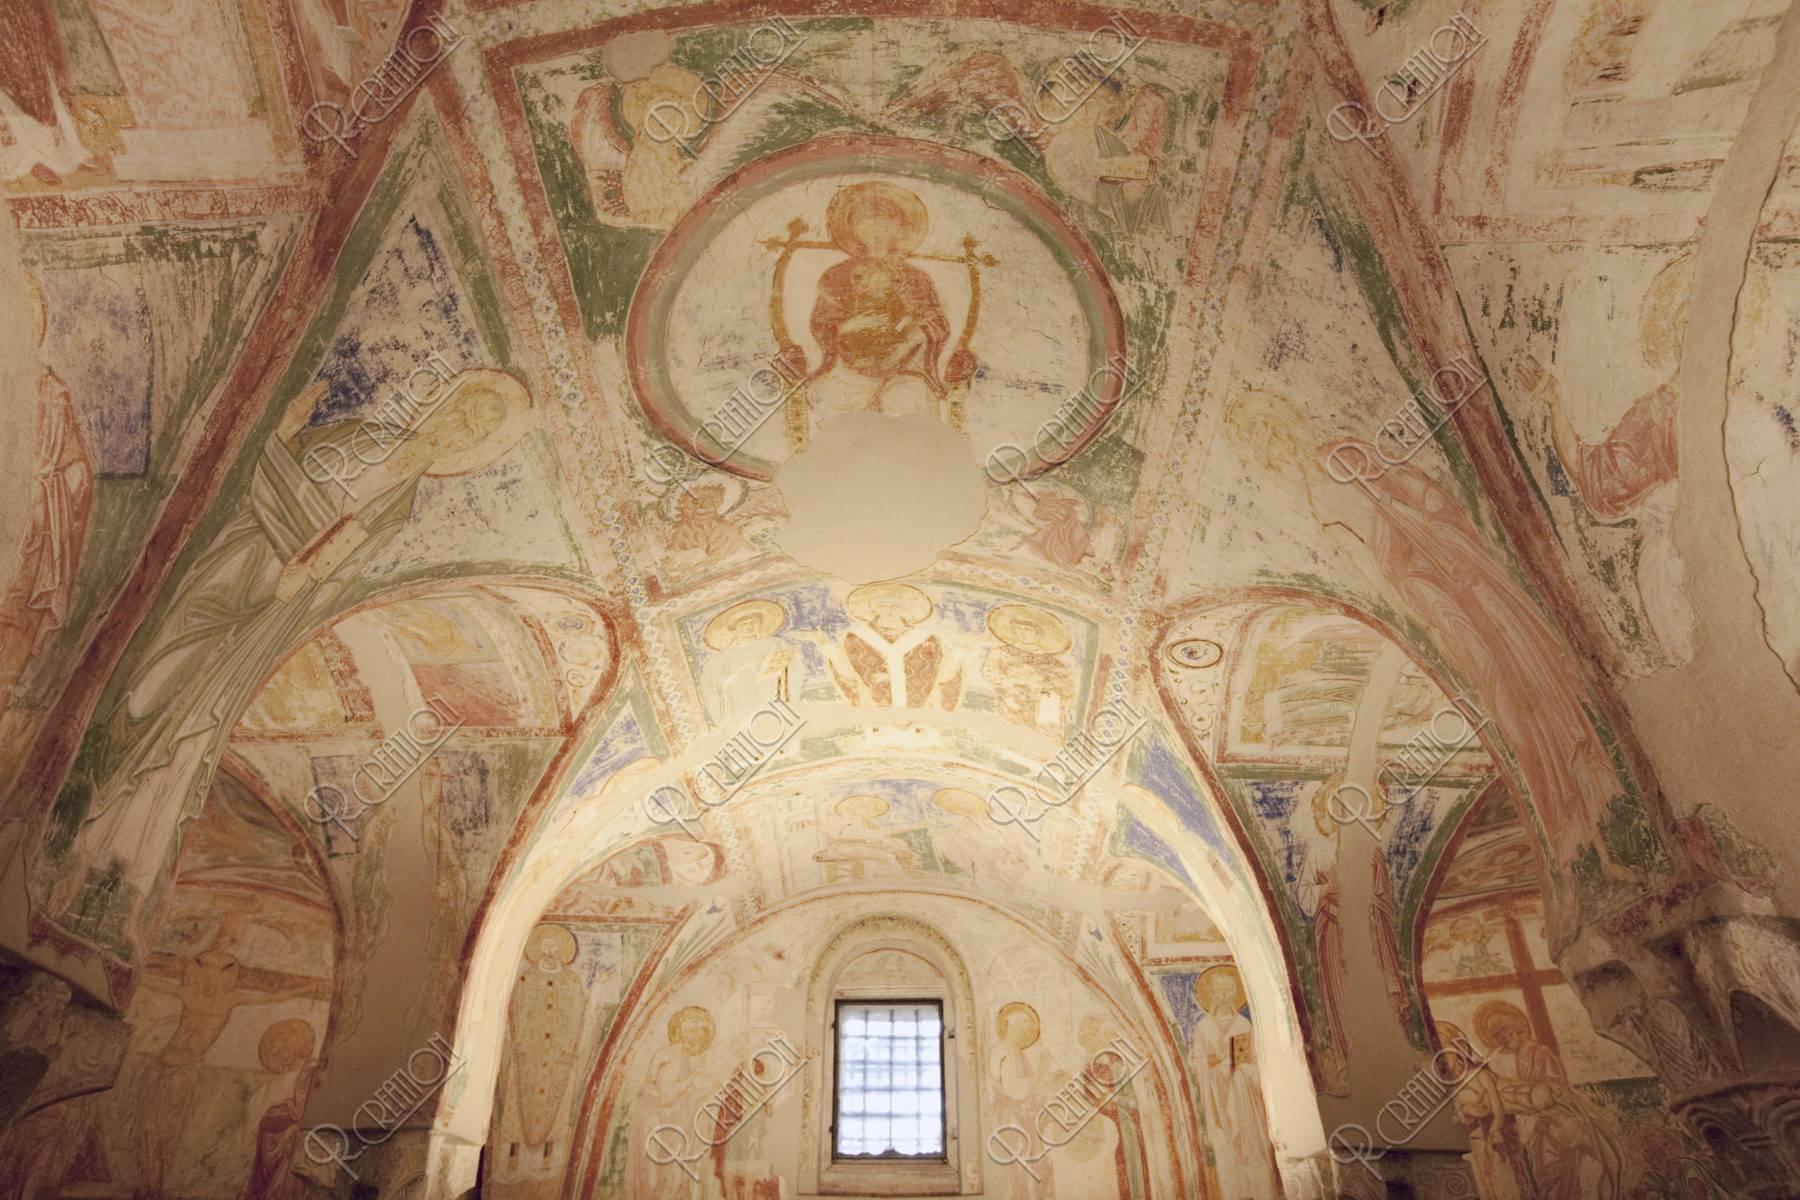 アクレイア 大聖堂 クレプタ 世界遺産